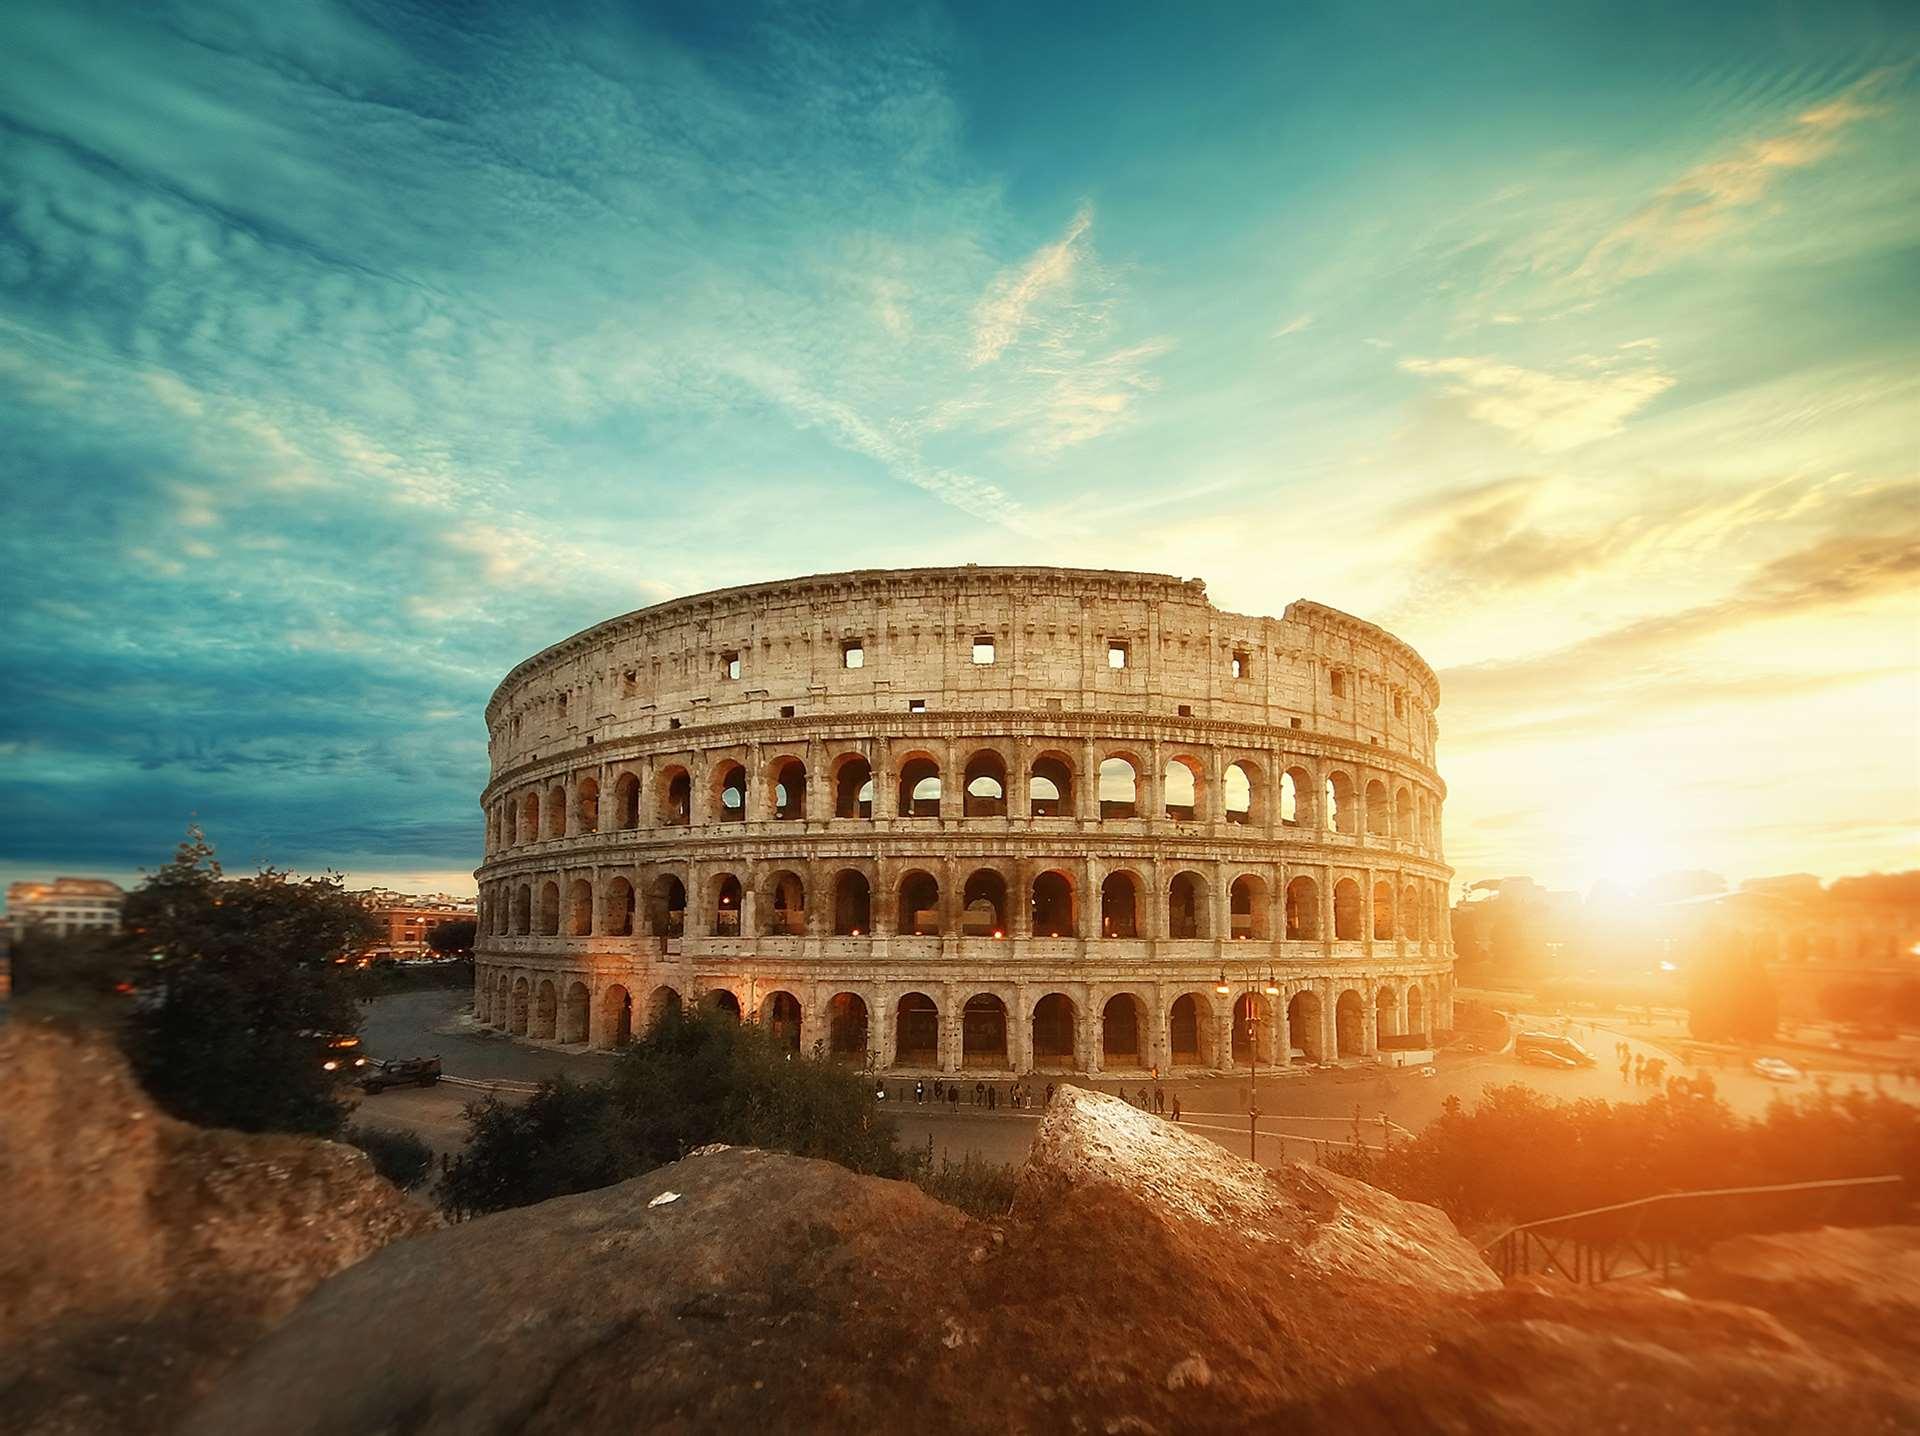 Τουρισμός:  To Πείραμα της Ιταλίας